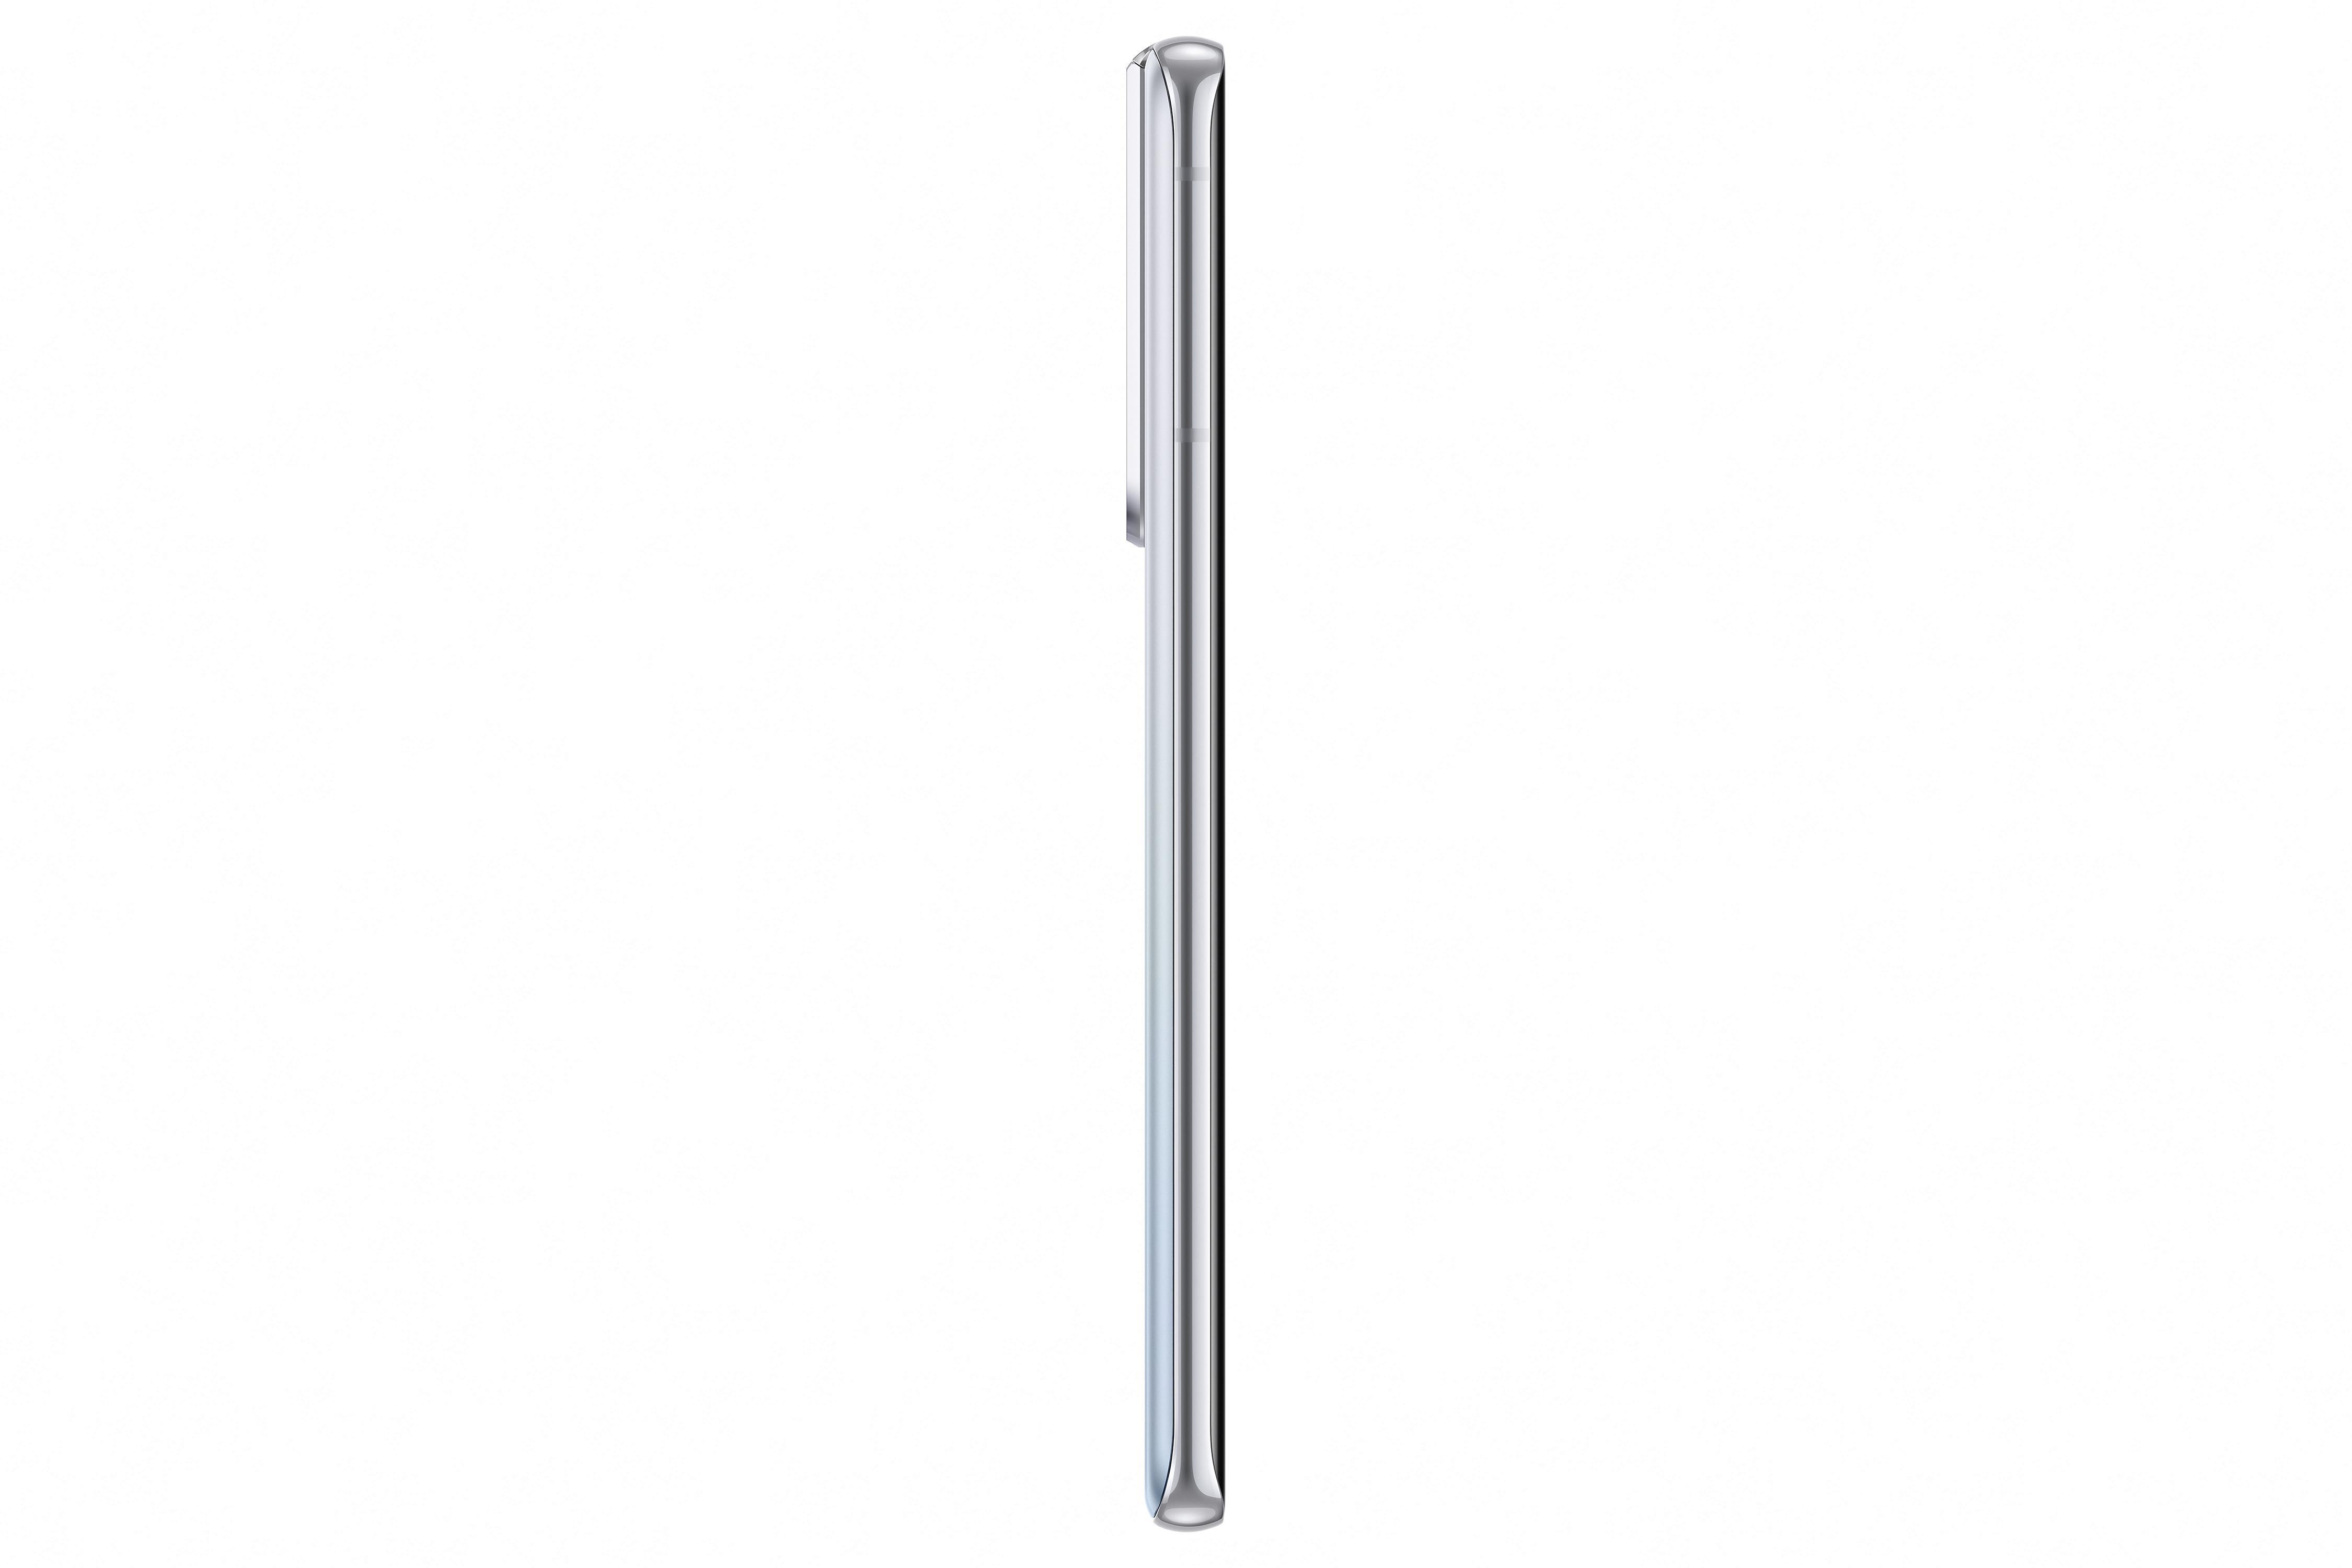 Samsung Galaxy S21 Ultra DUAL (SM-G998B) Silver - 5